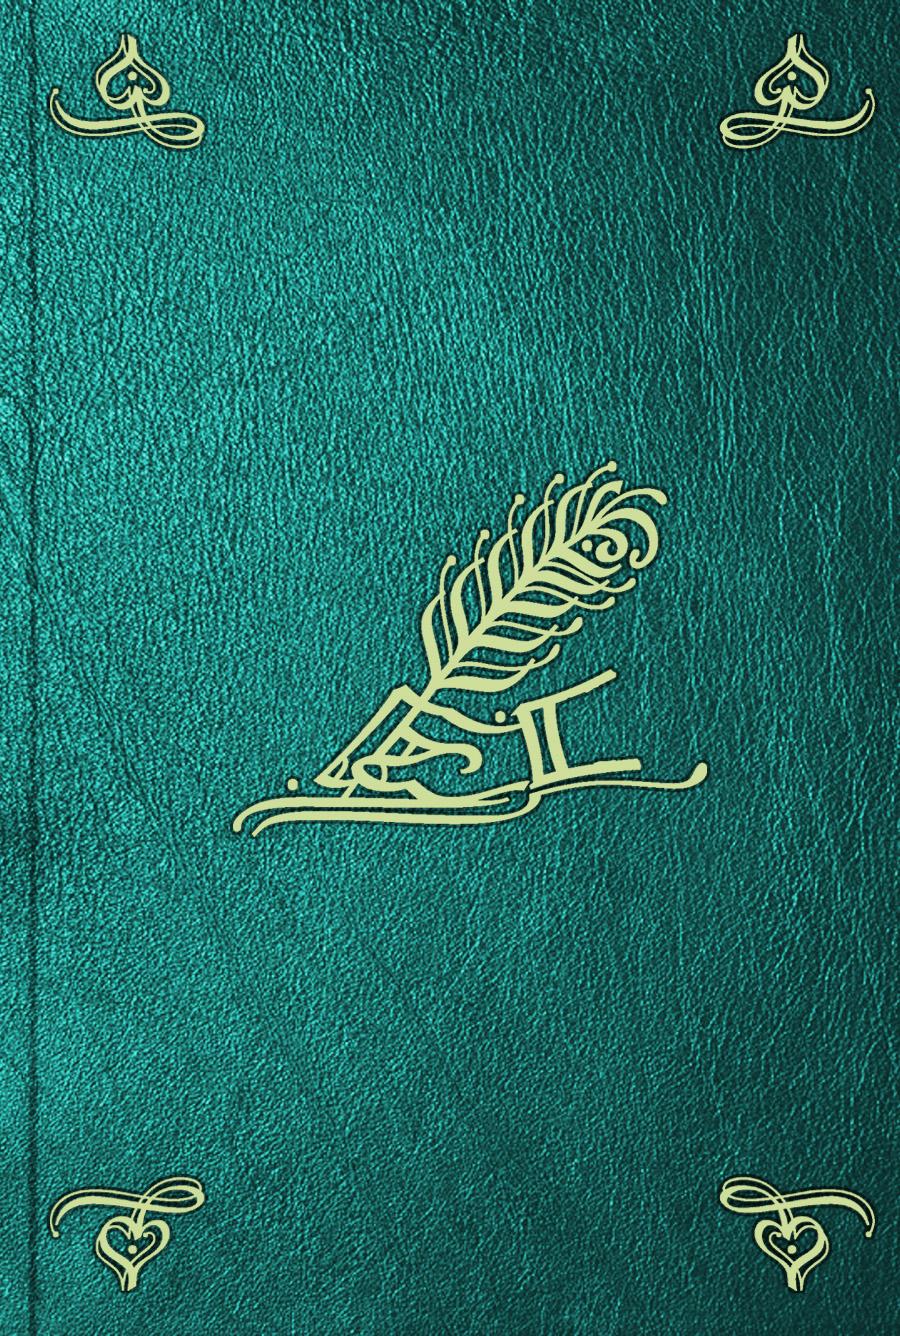 Comte de Buffon Georges Louis Leclerc Histoire naturelle. T. 14. Oiseaux comte de buffon georges louis leclerc histoire naturelle t 8 oiseaux